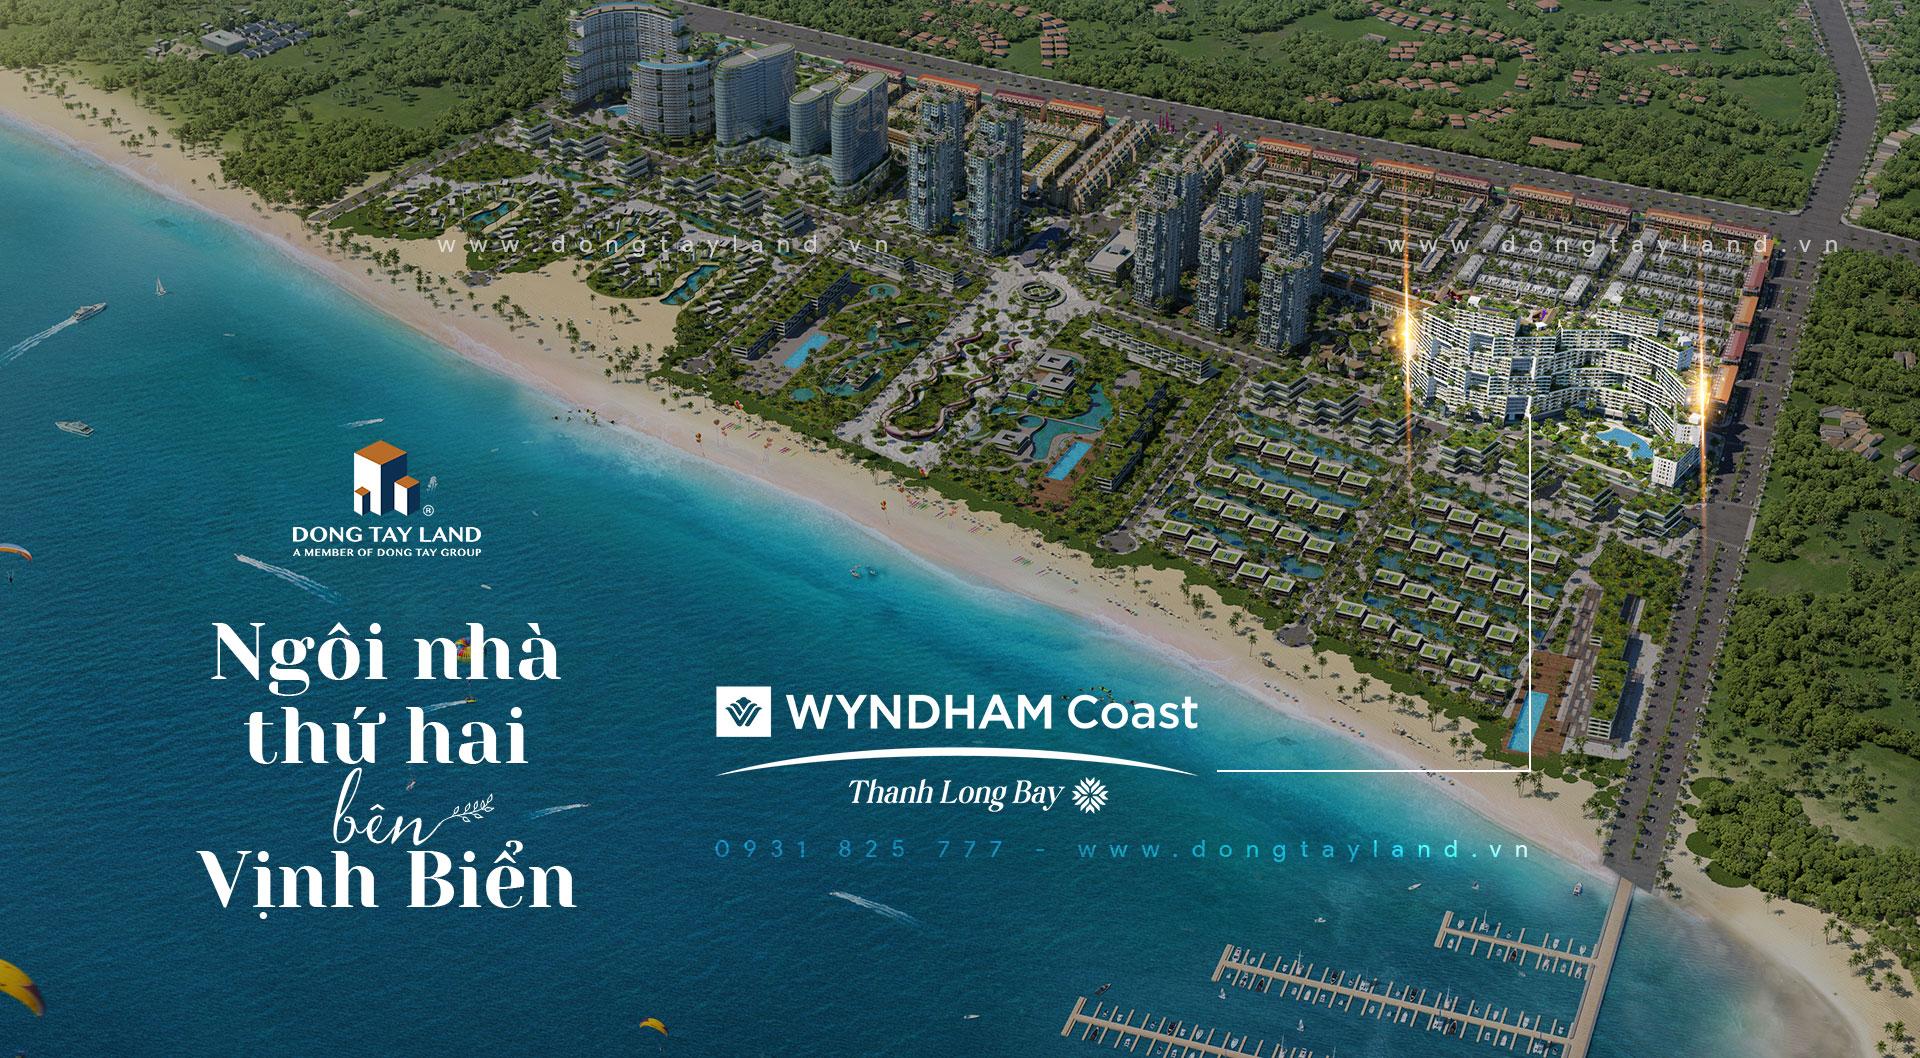 Tòa căn hộ view biển Wyndham Coast - Thanh Long Bay